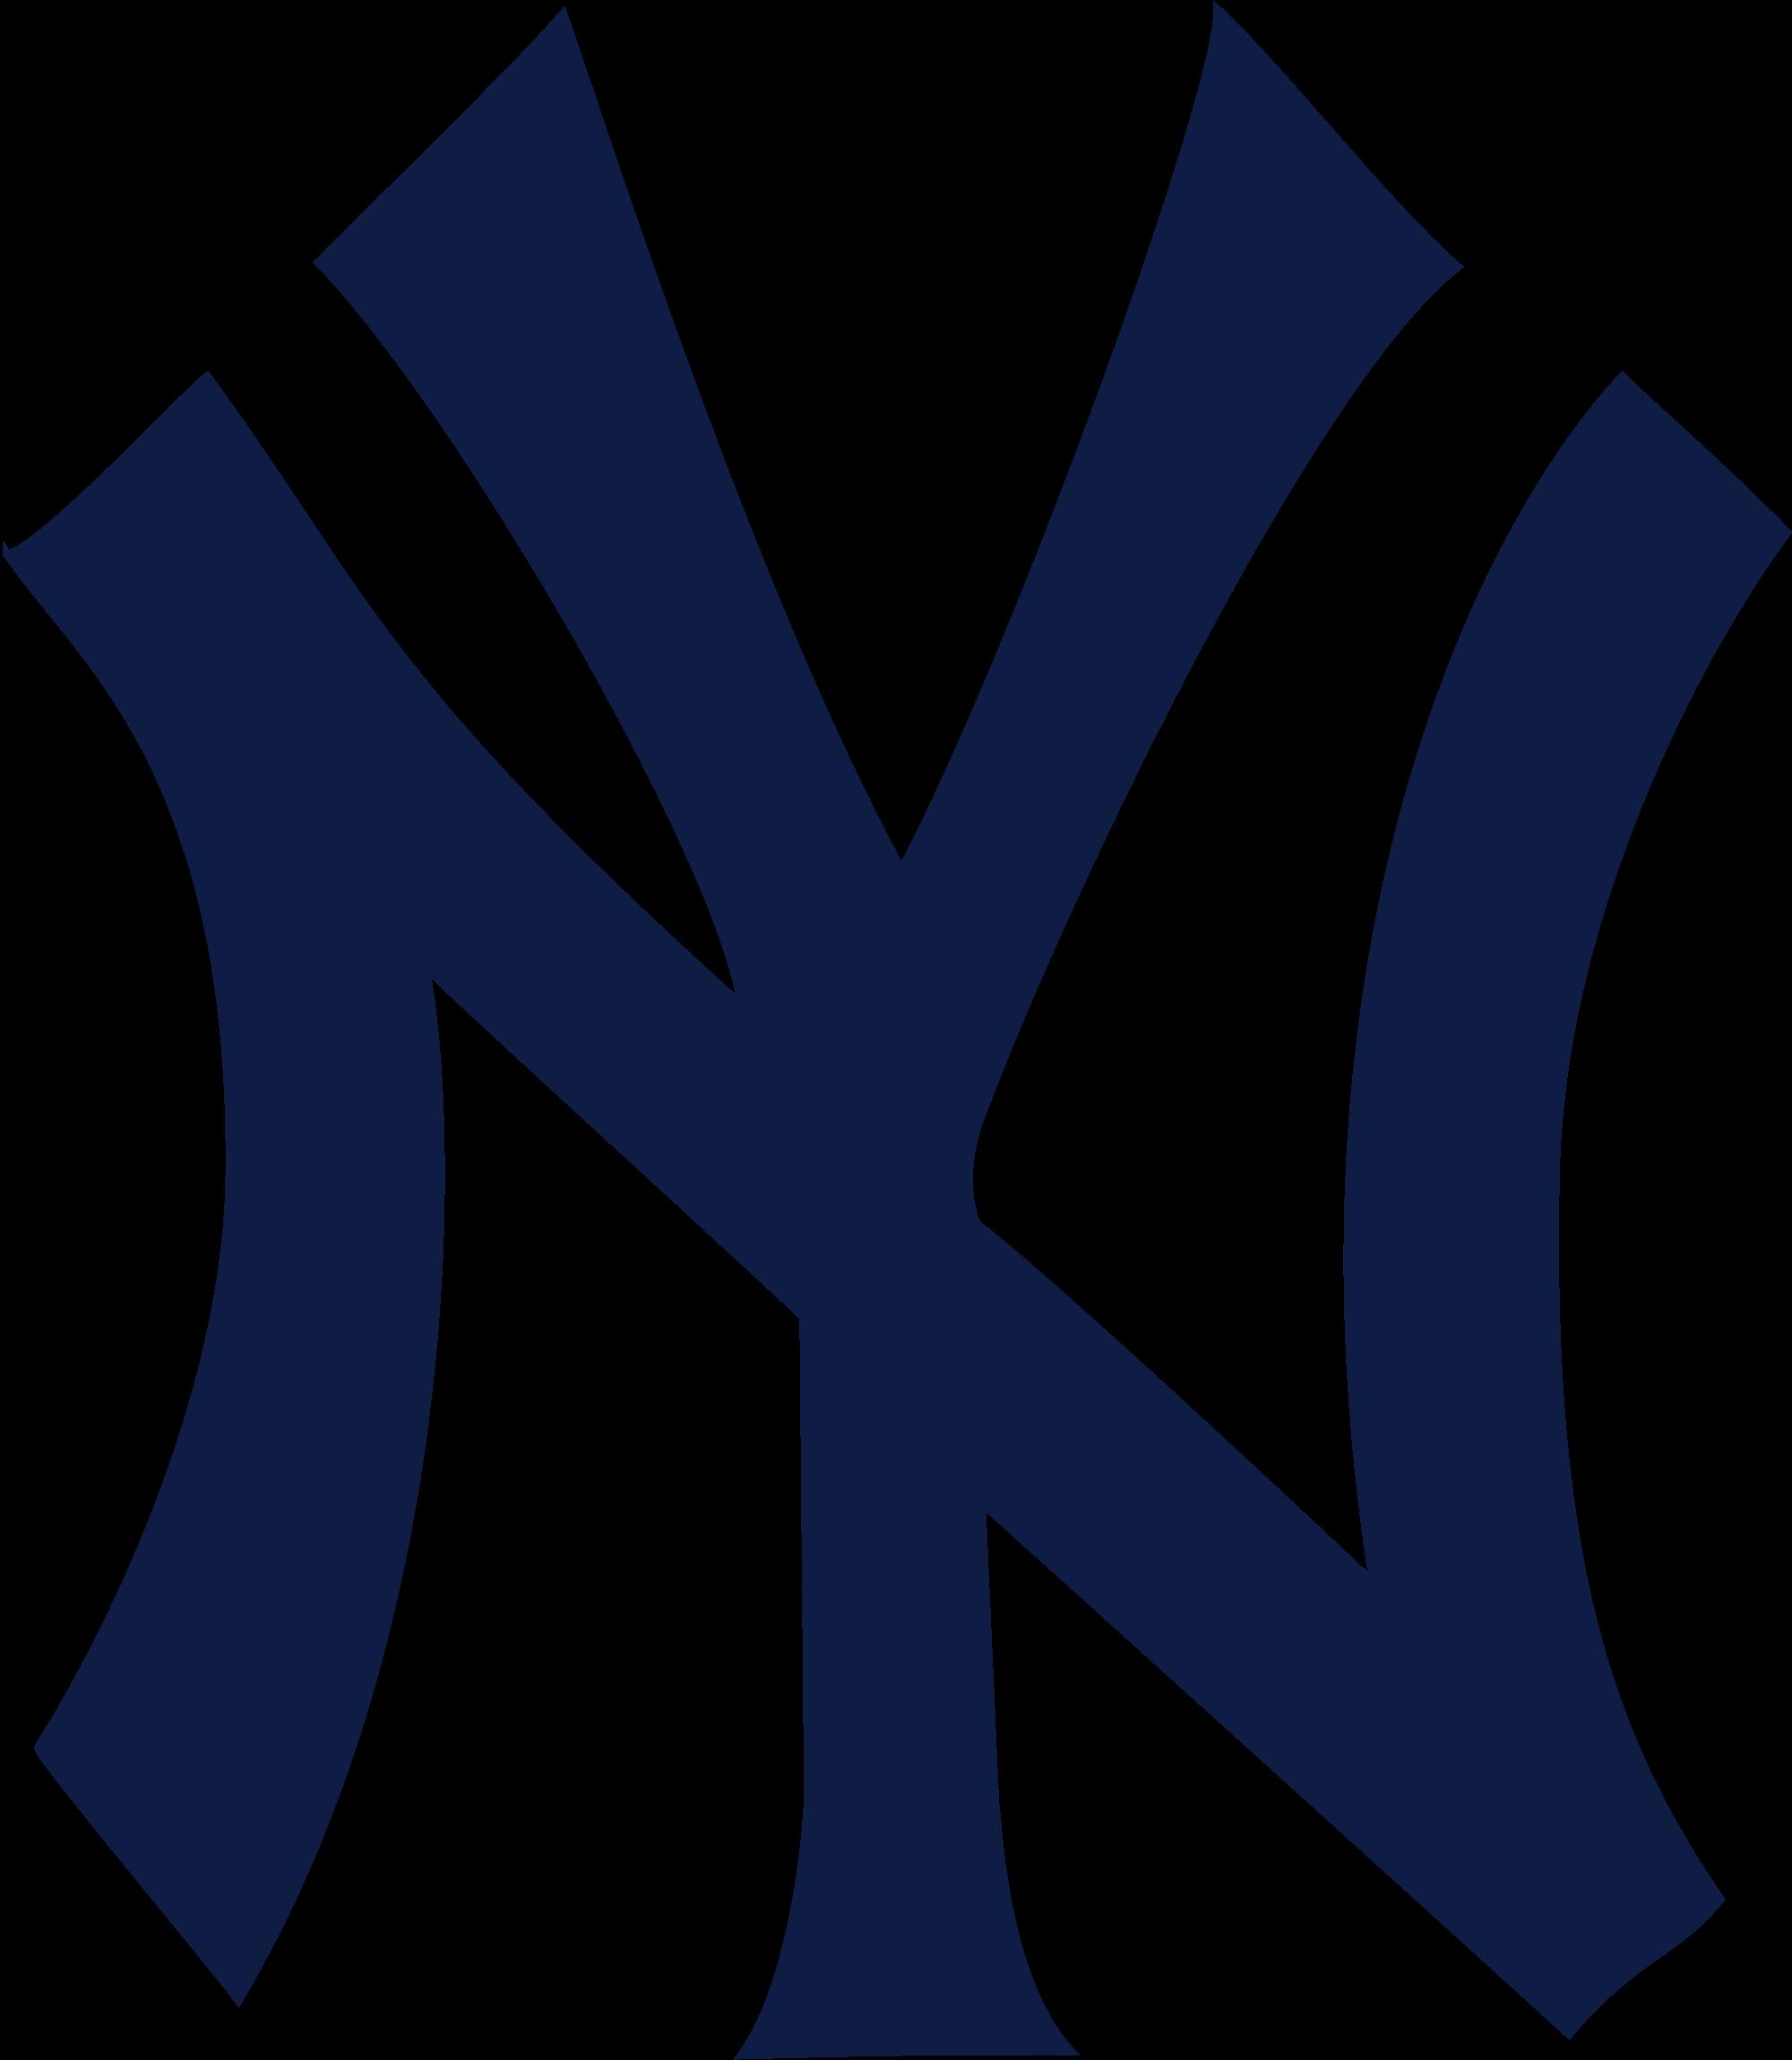 Original yankees logo